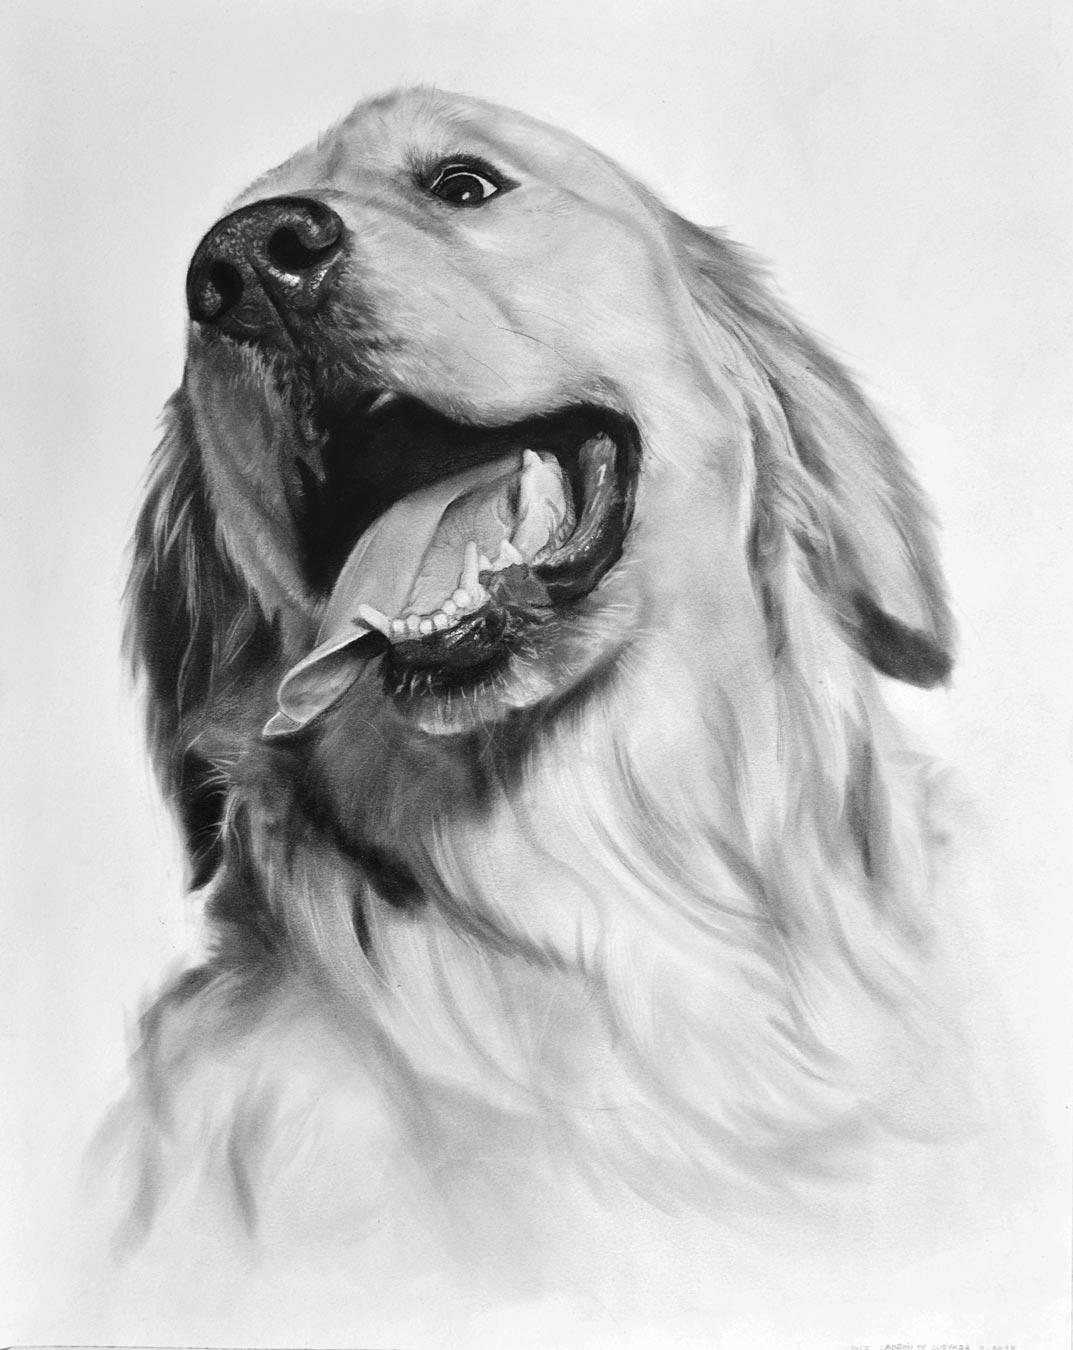 Retratos de mascotas. Retratos al carboncillo. Galería del retrato